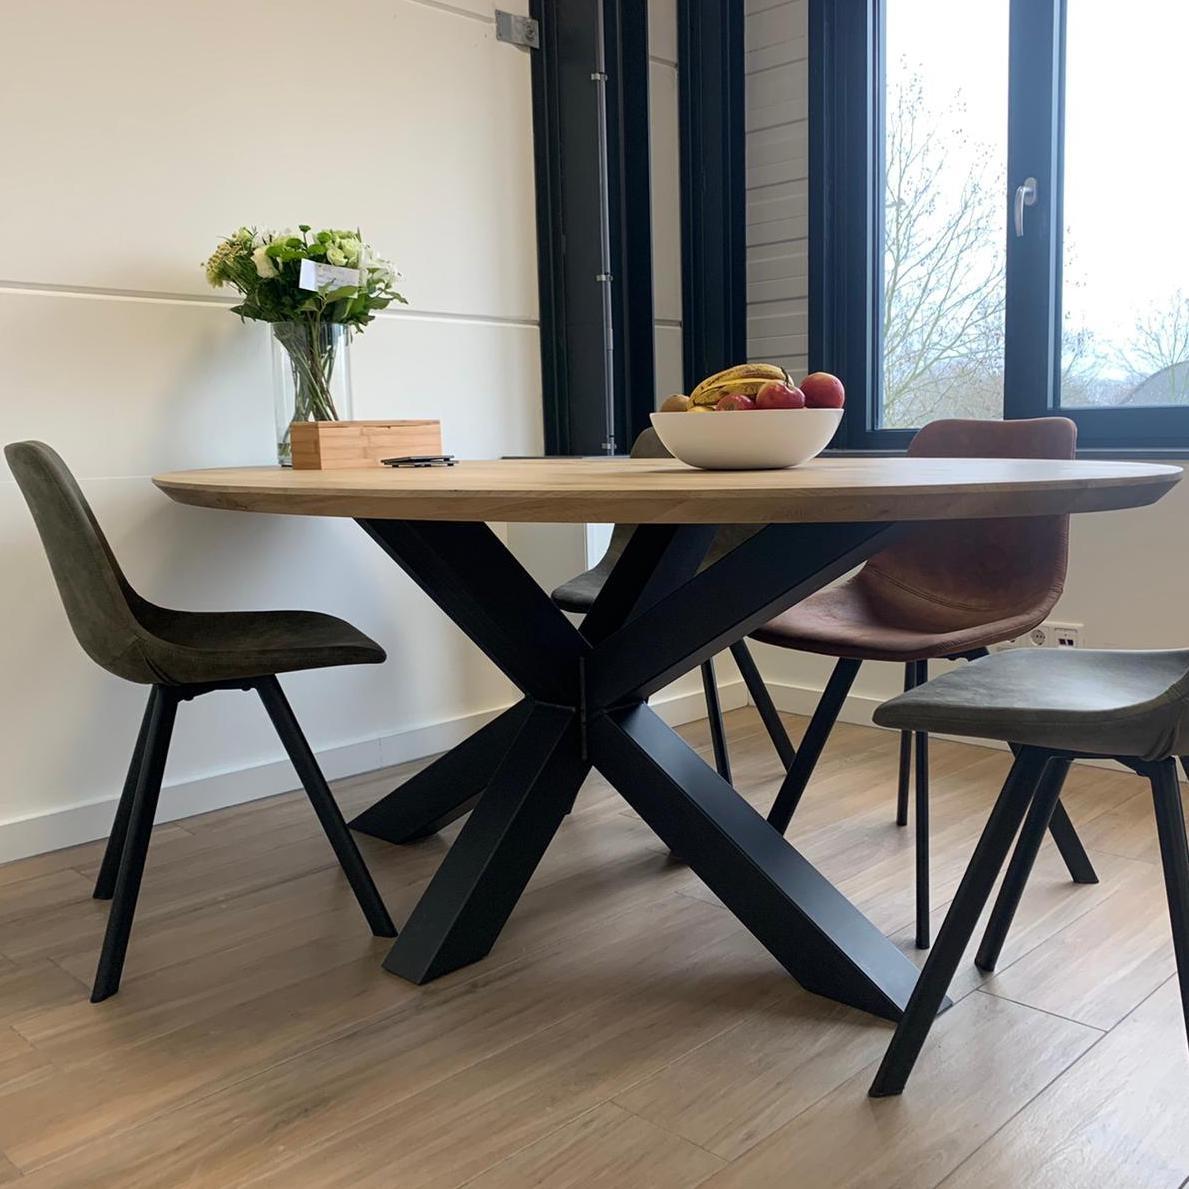 Stalen matrix 3D tafelpoot 10x10 cm - 72 cm hoog - 140x85 cm - Spin 3D kruis / X poot staal gepoedercoat (fijnstructuur) - zwart - antraciet